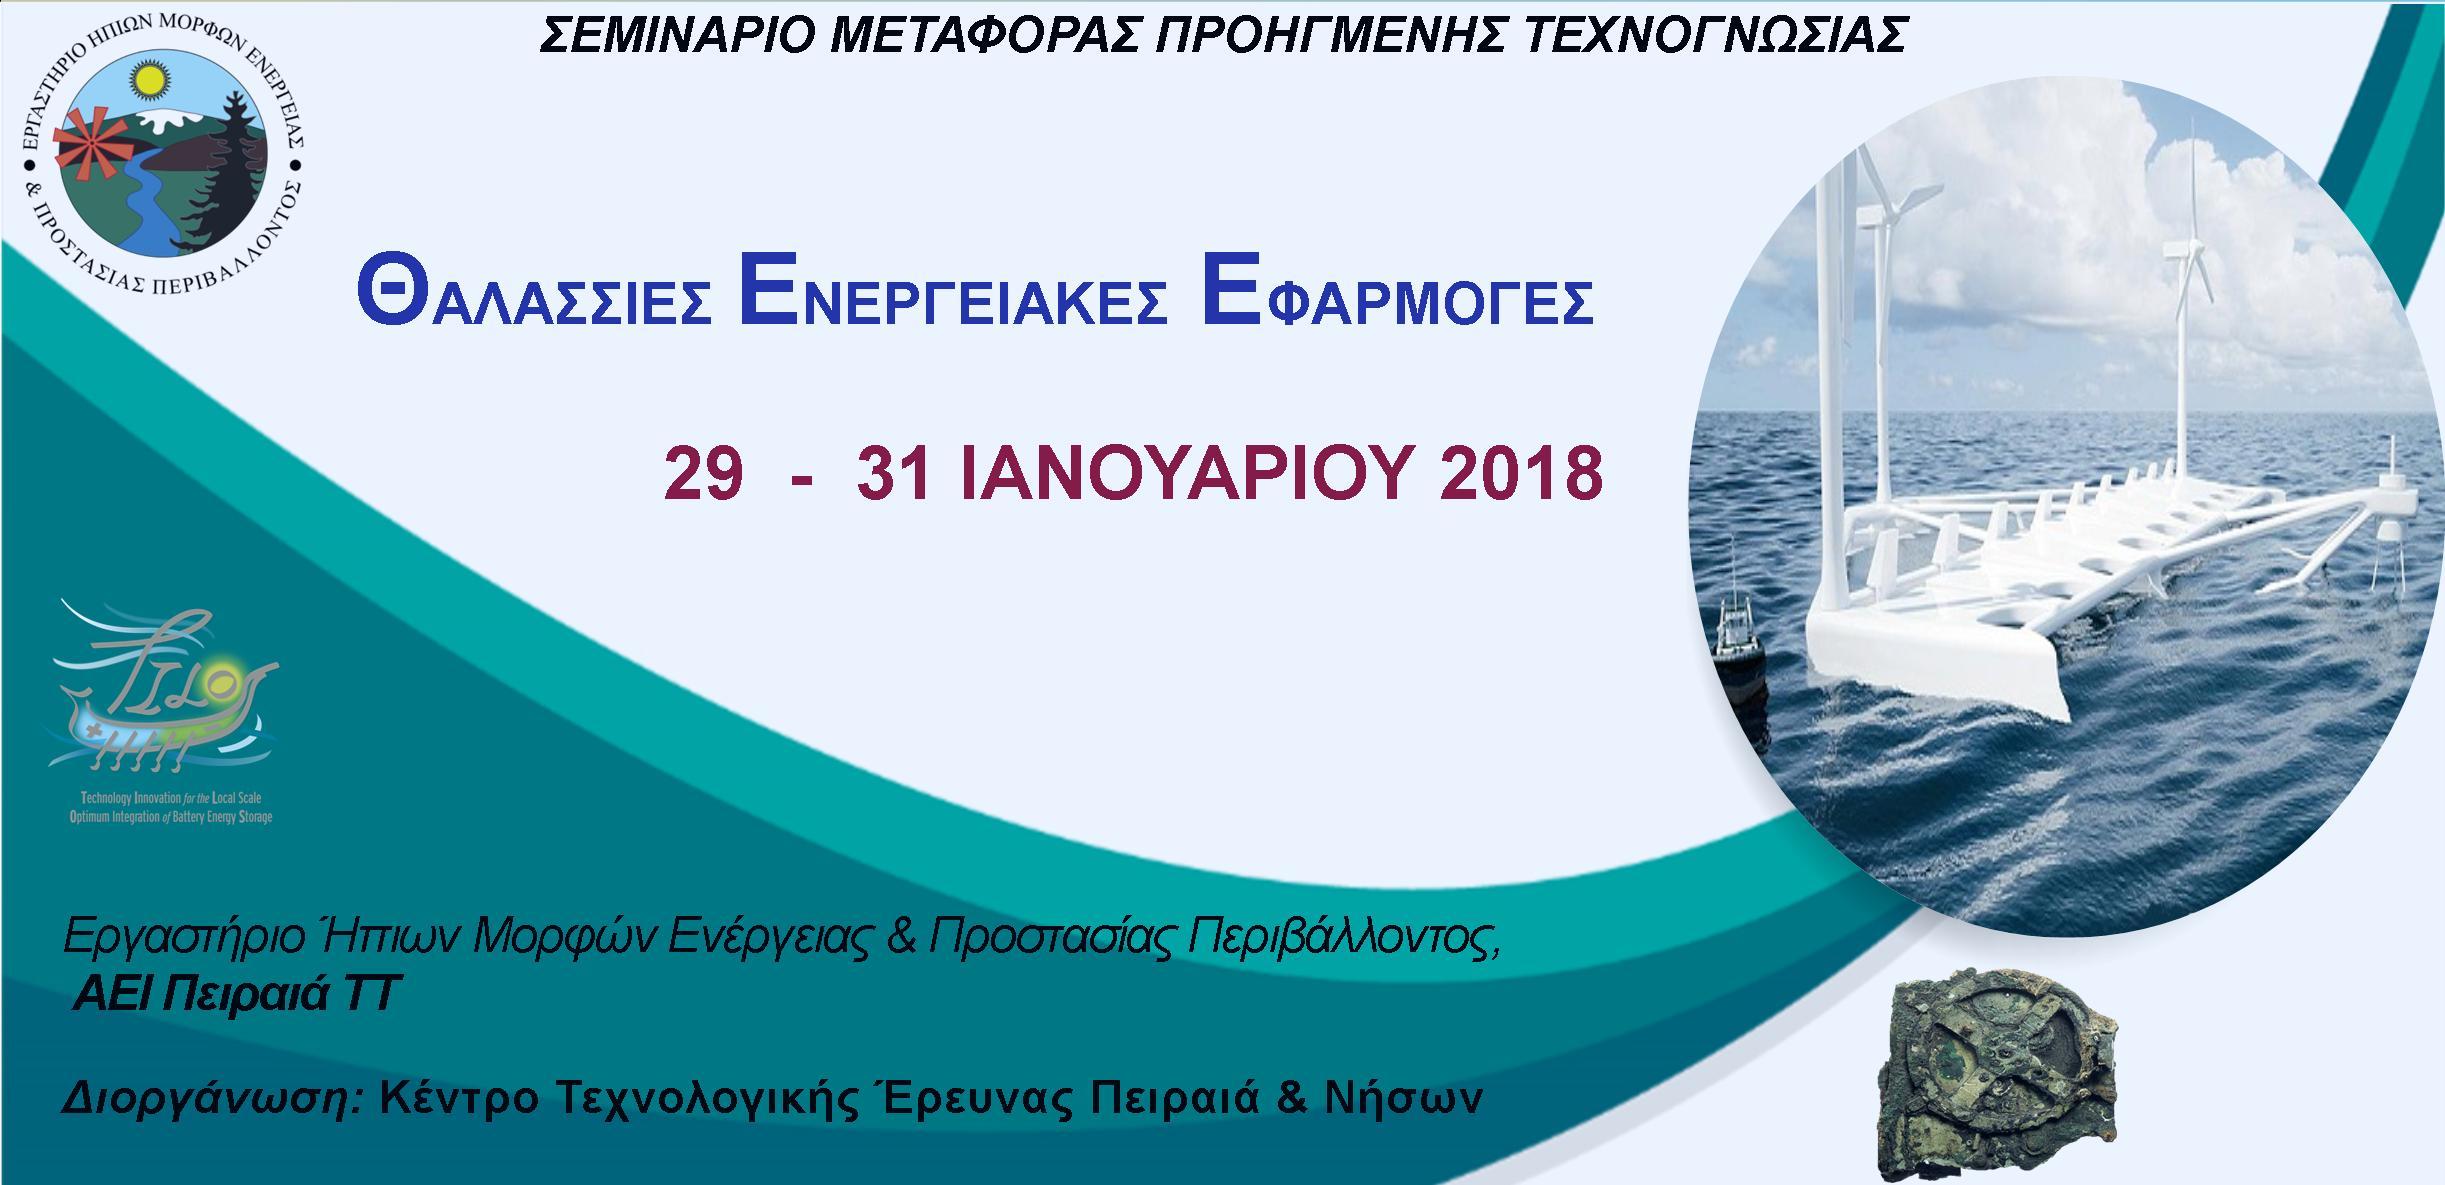 Σεμινάριο μεταφοράς προηγμένης τεχνογνωσίας: Θαλάσσιες Ενεργειακές Εφαρμογές